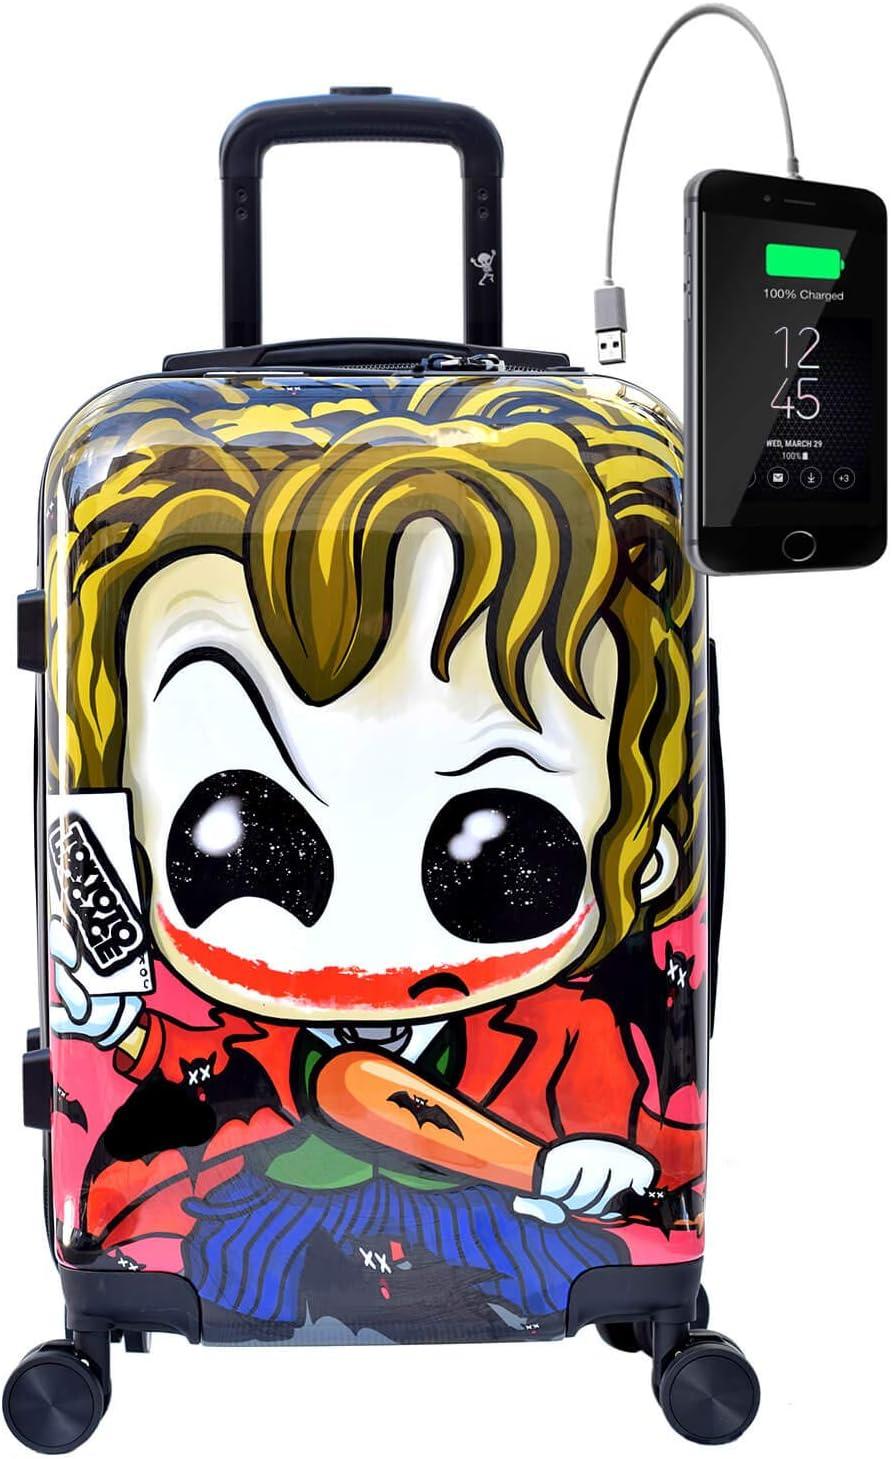 TOKYOTO - Maleta de Cabina Equipaje Infantil Niños Joker, 55x40x20 cm | Maleta Juvenil, Trolley de Viaje Ryanair, Easyjet | Maleta de Viaje Rígida